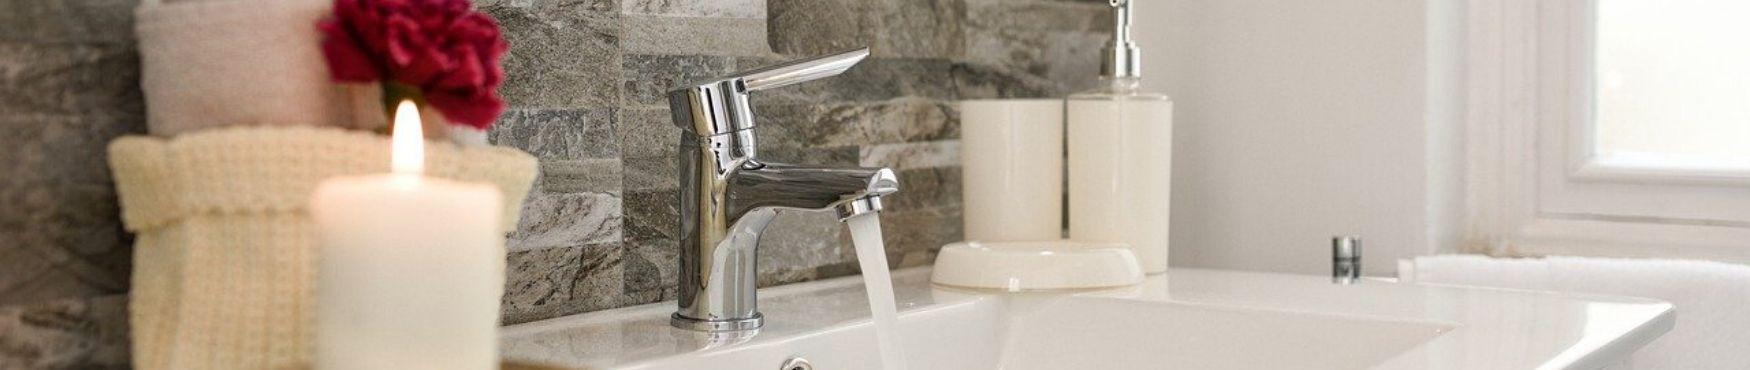 Utilité d'un peignoir de bain